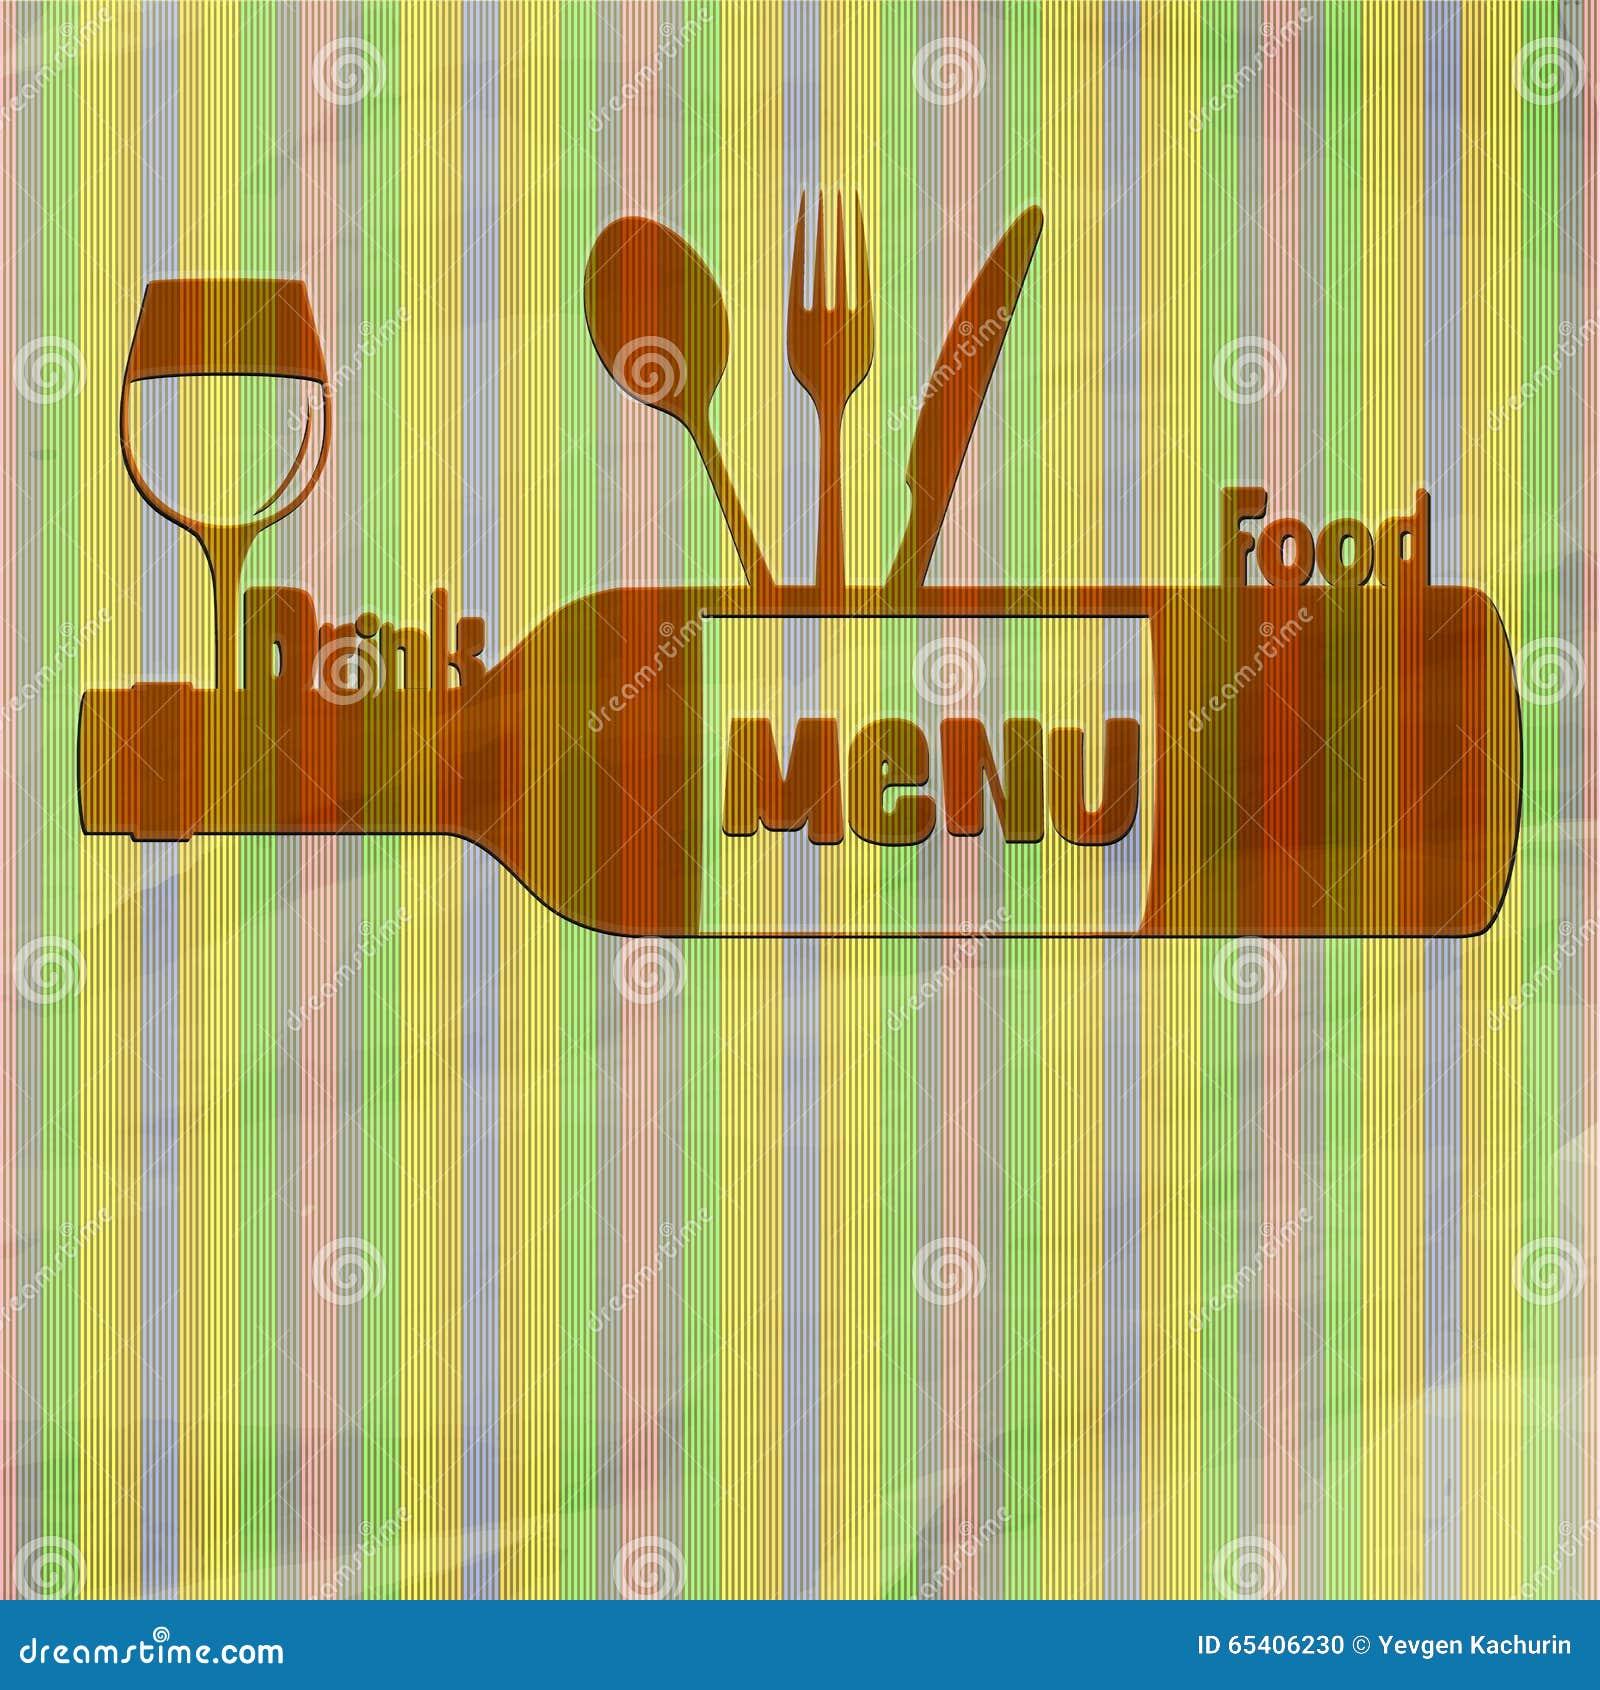 Comida y bebida del menú del restaurante